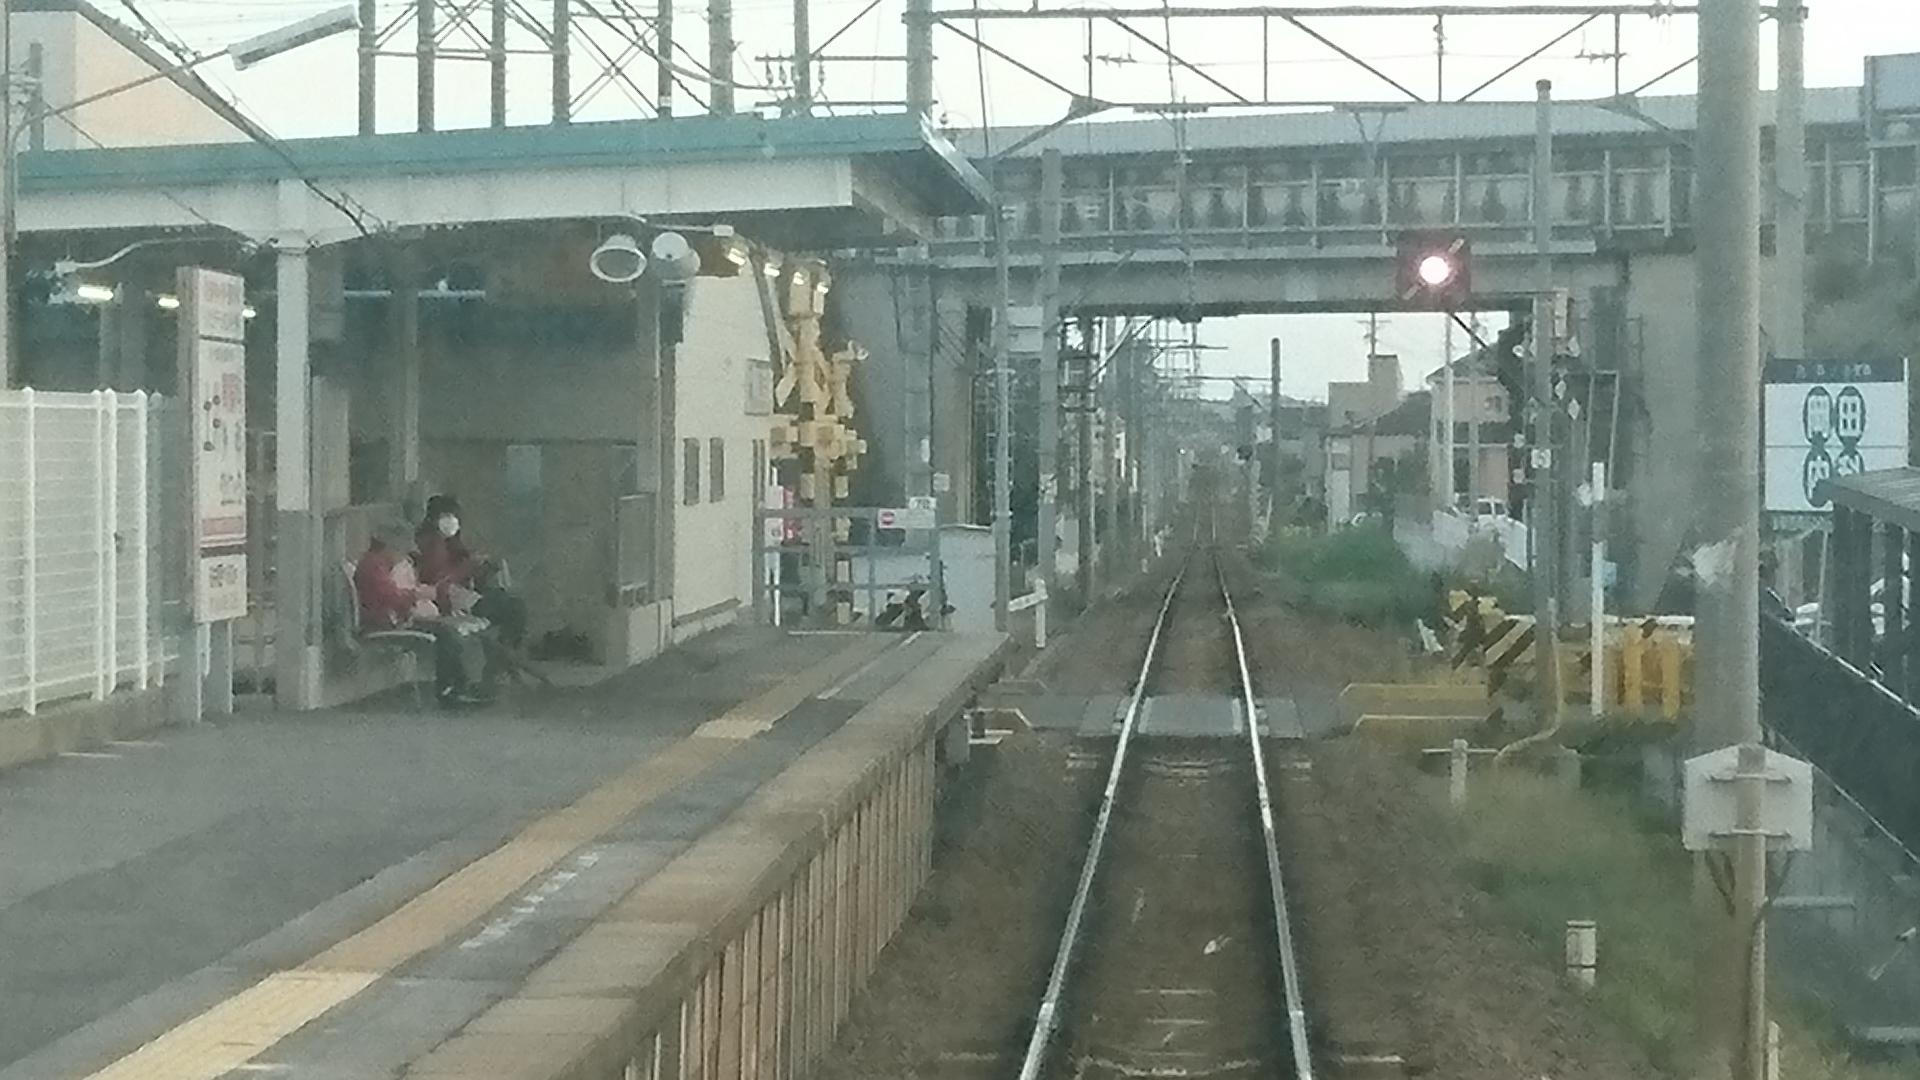 2016.10.16 (31) 西尾いきふつう - 古井